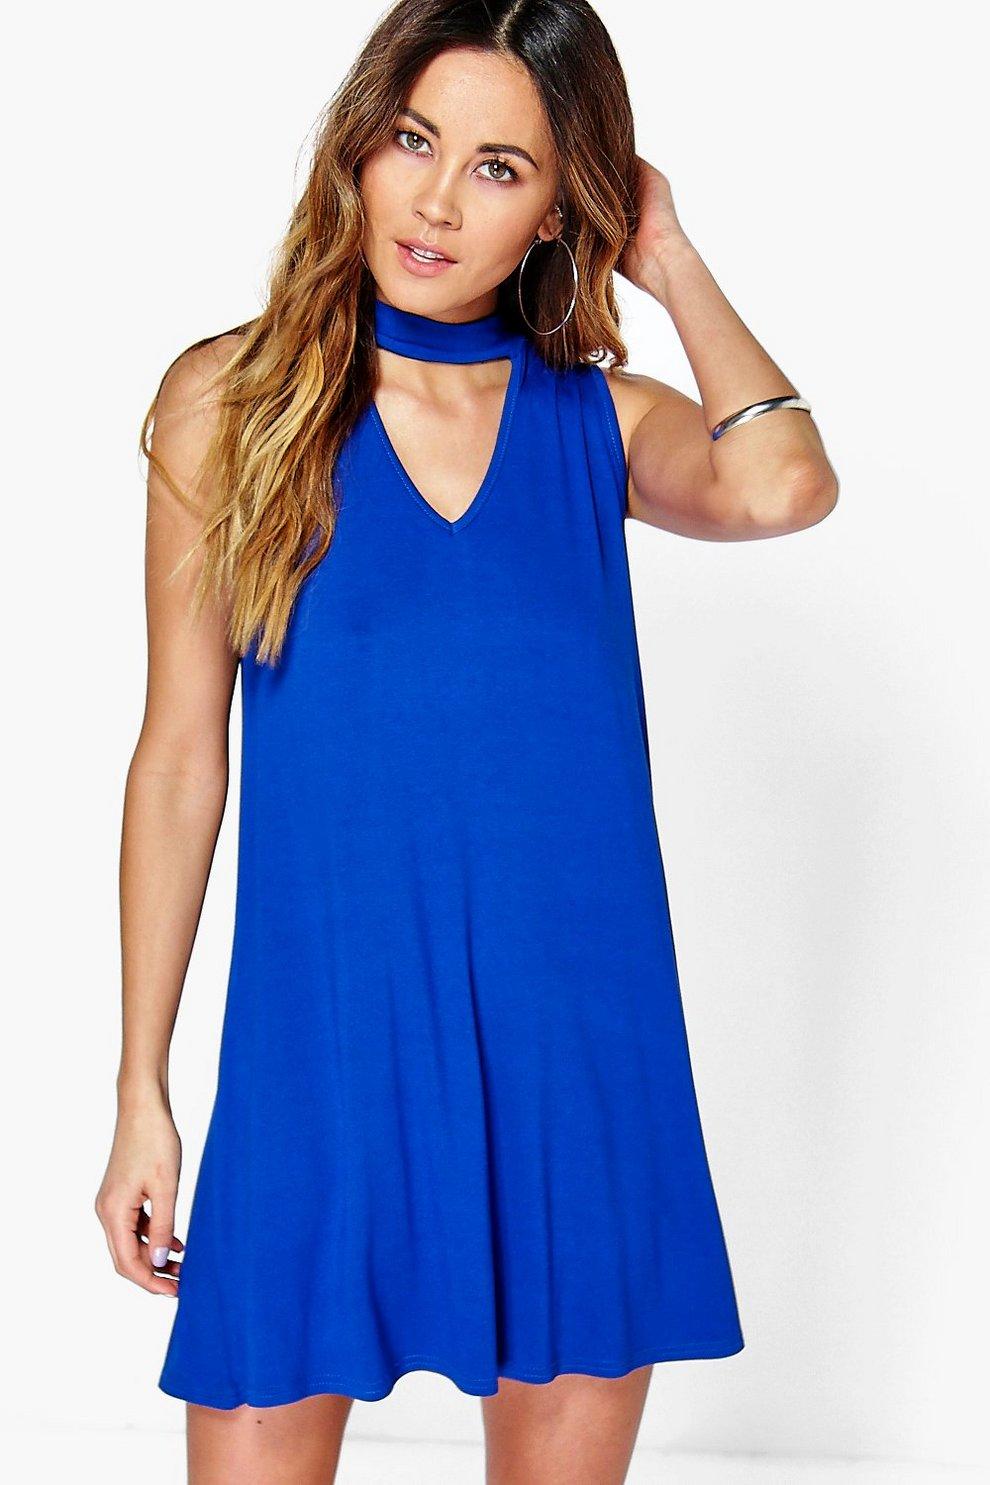 543d4de1b633 Plunge Choker Shift Dress